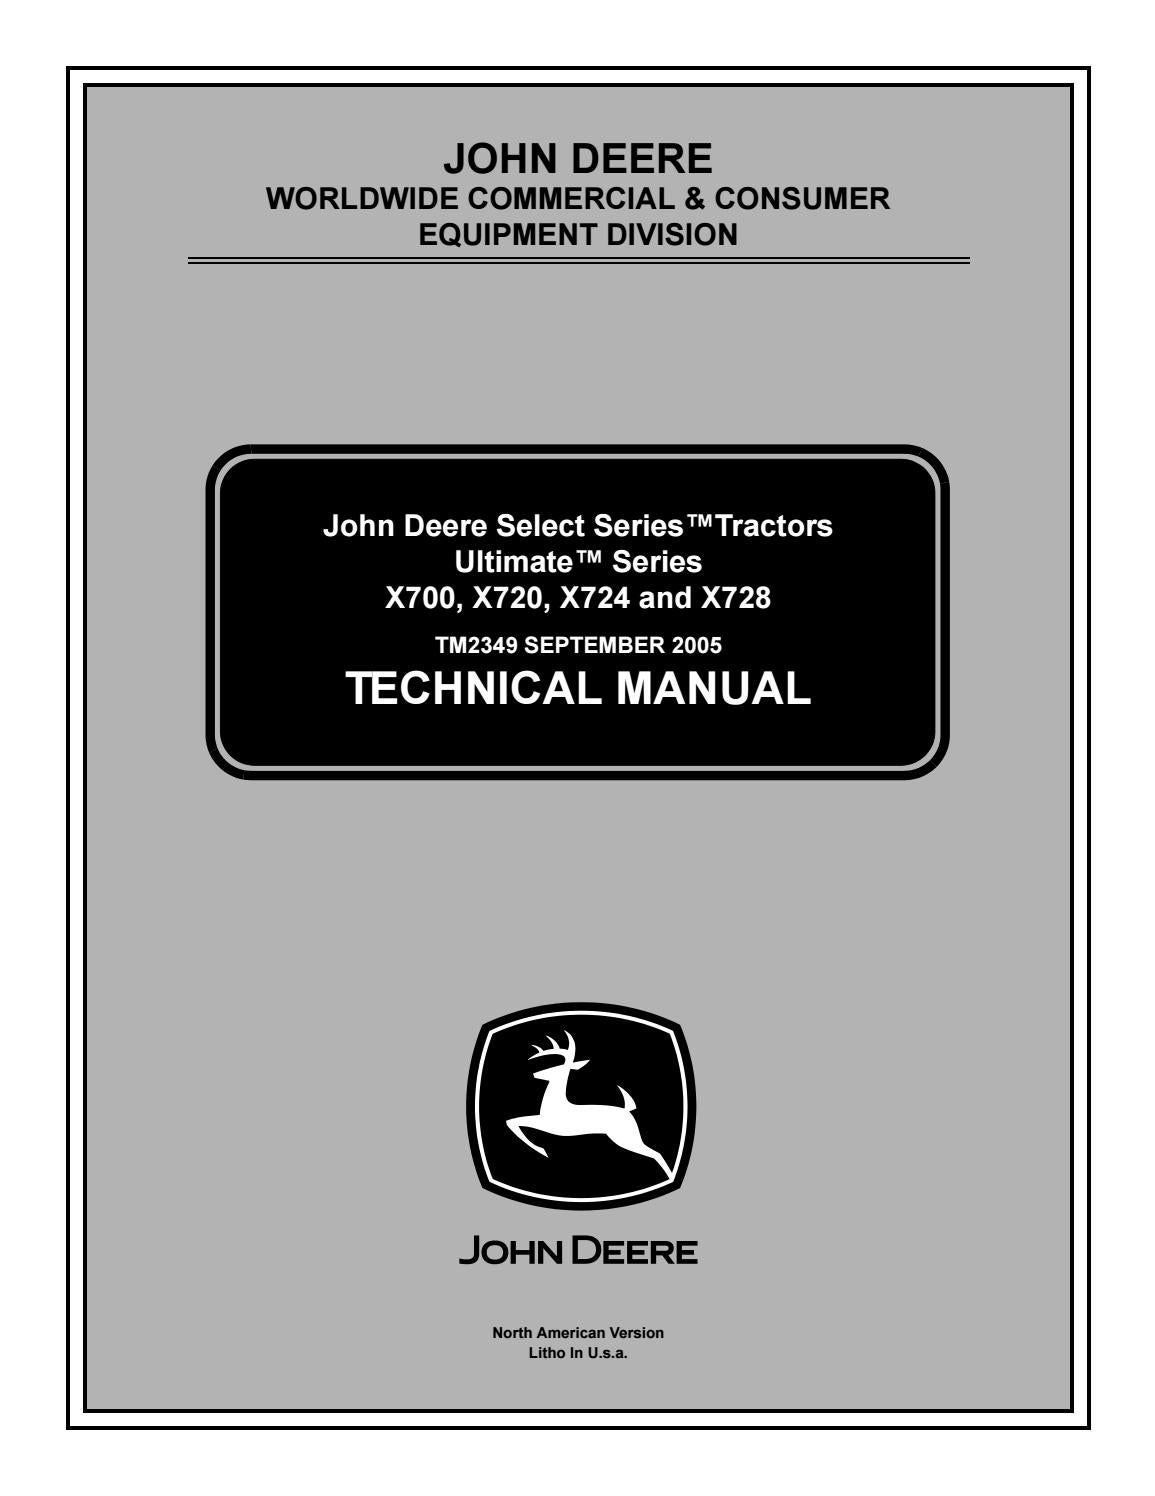 John deere x724 lawn & garden tractor service repair